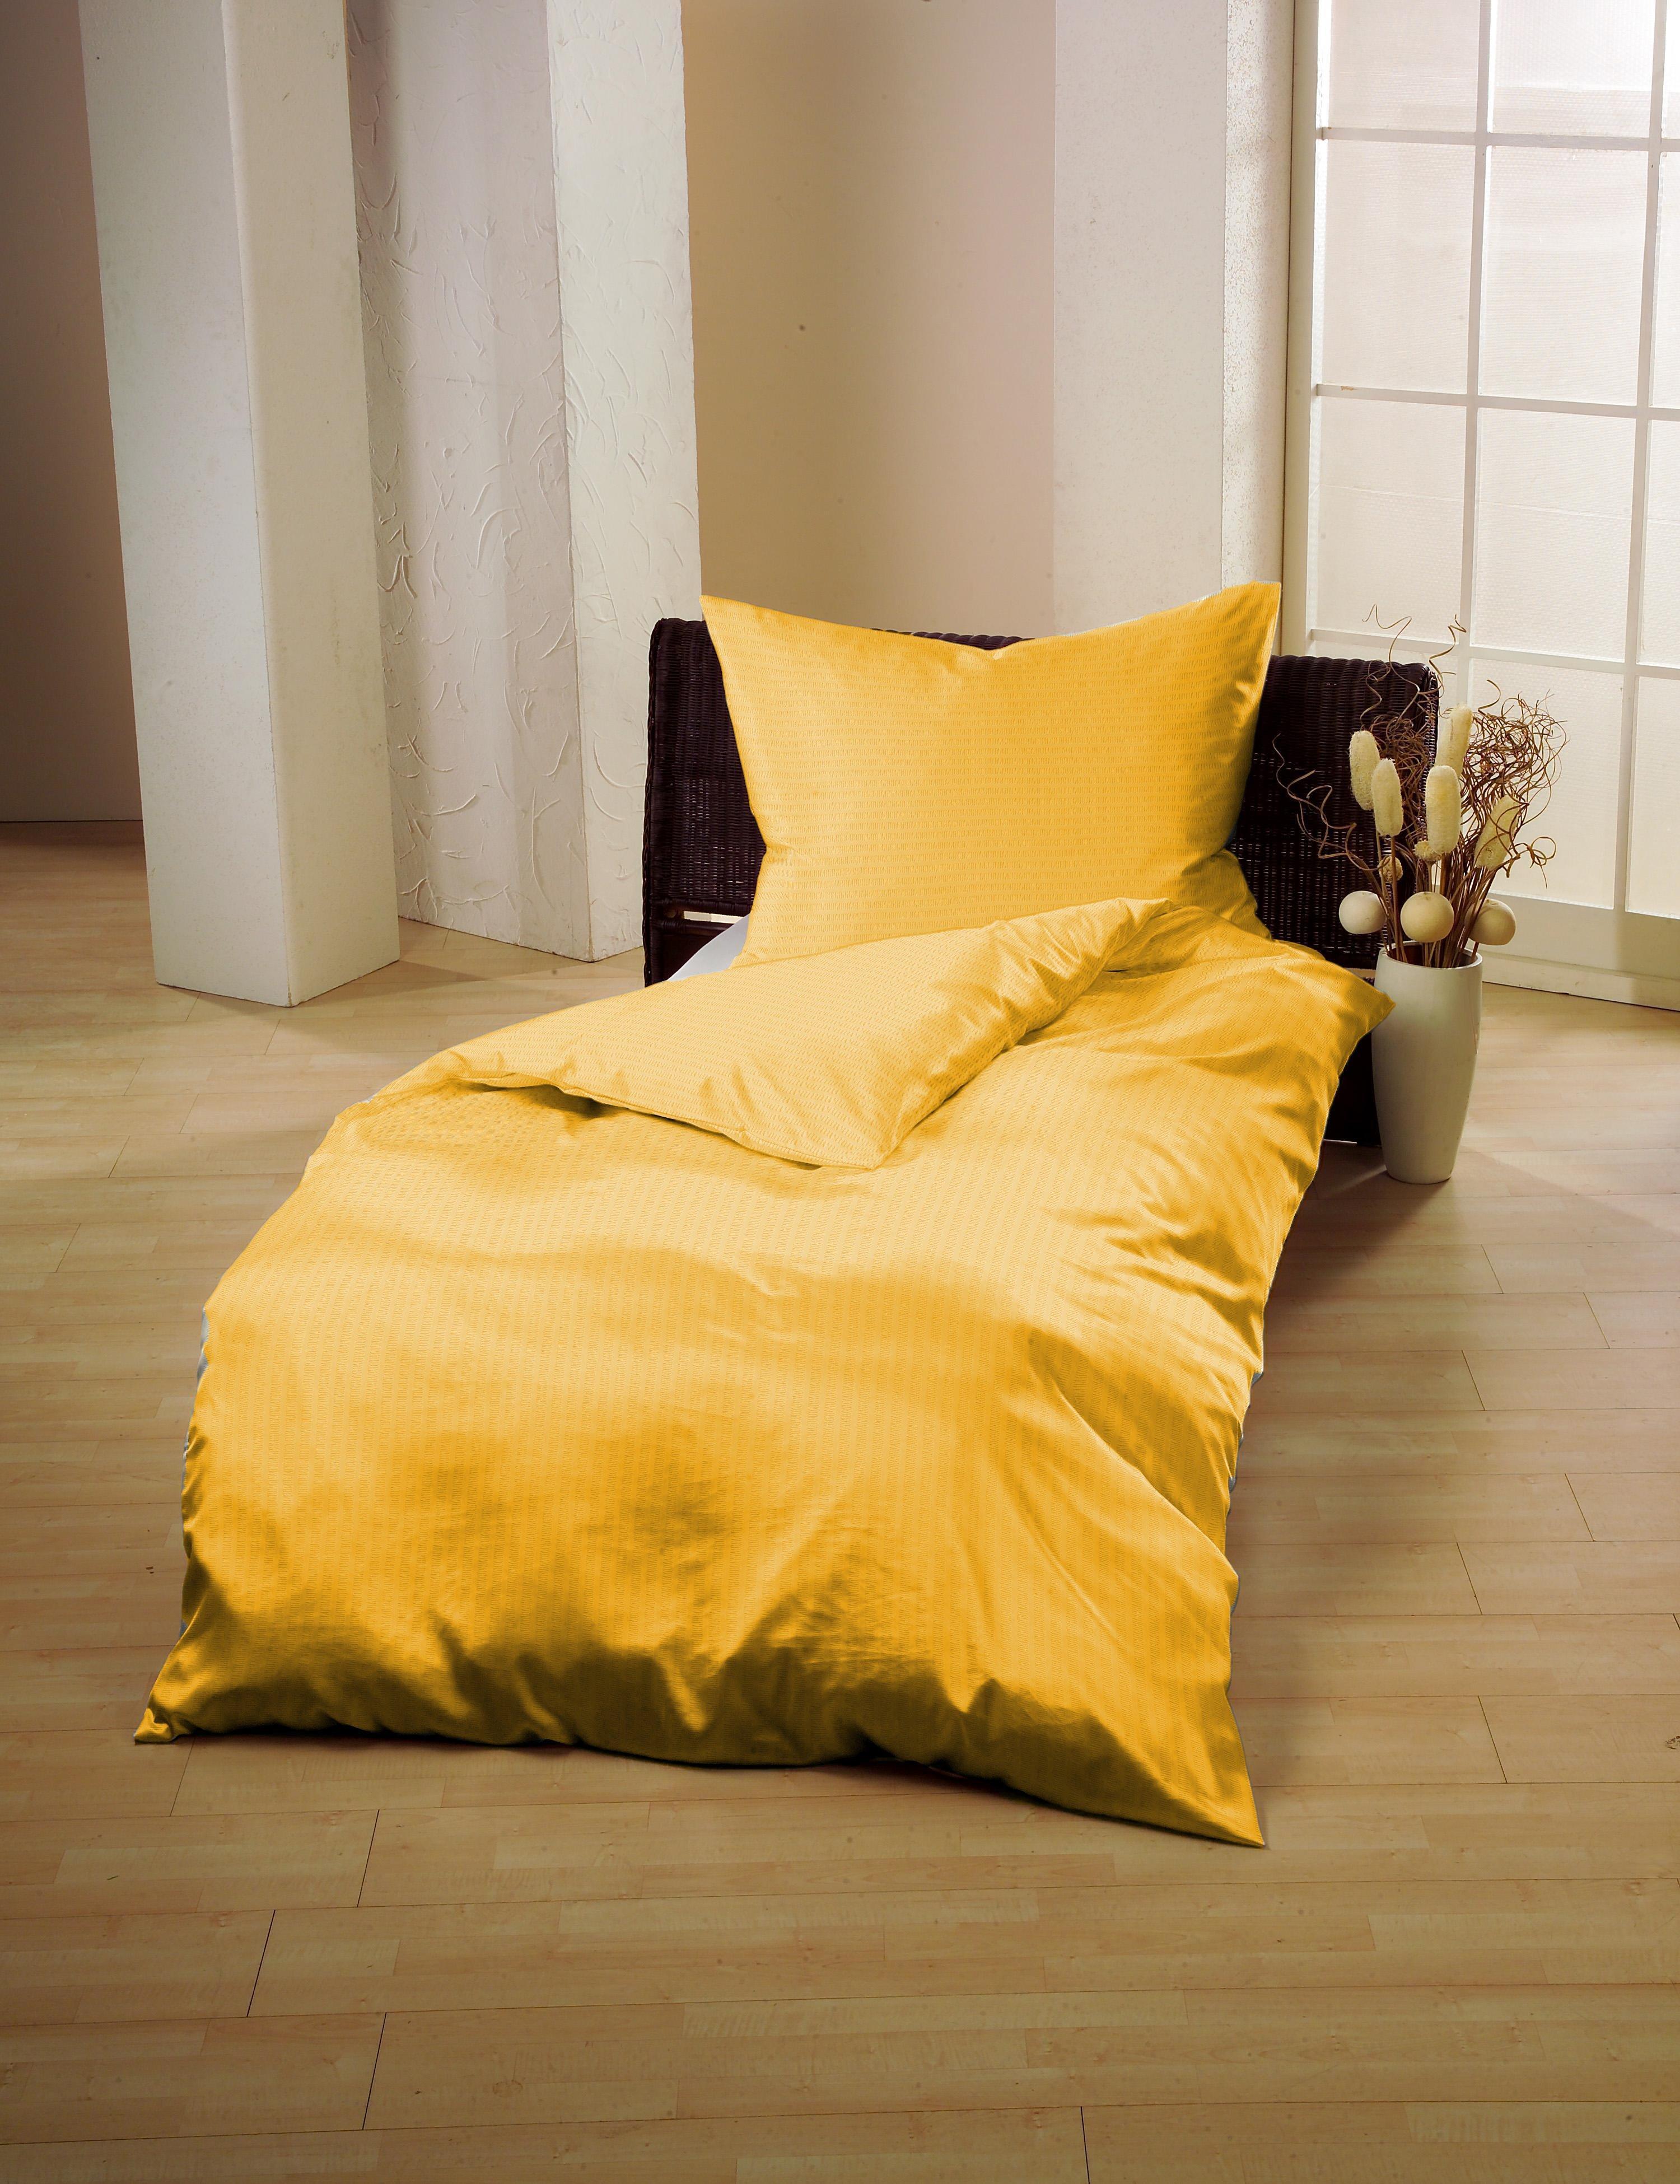 bettw sche microfaser seersucker preisvergleich die besten angebote online kaufen. Black Bedroom Furniture Sets. Home Design Ideas